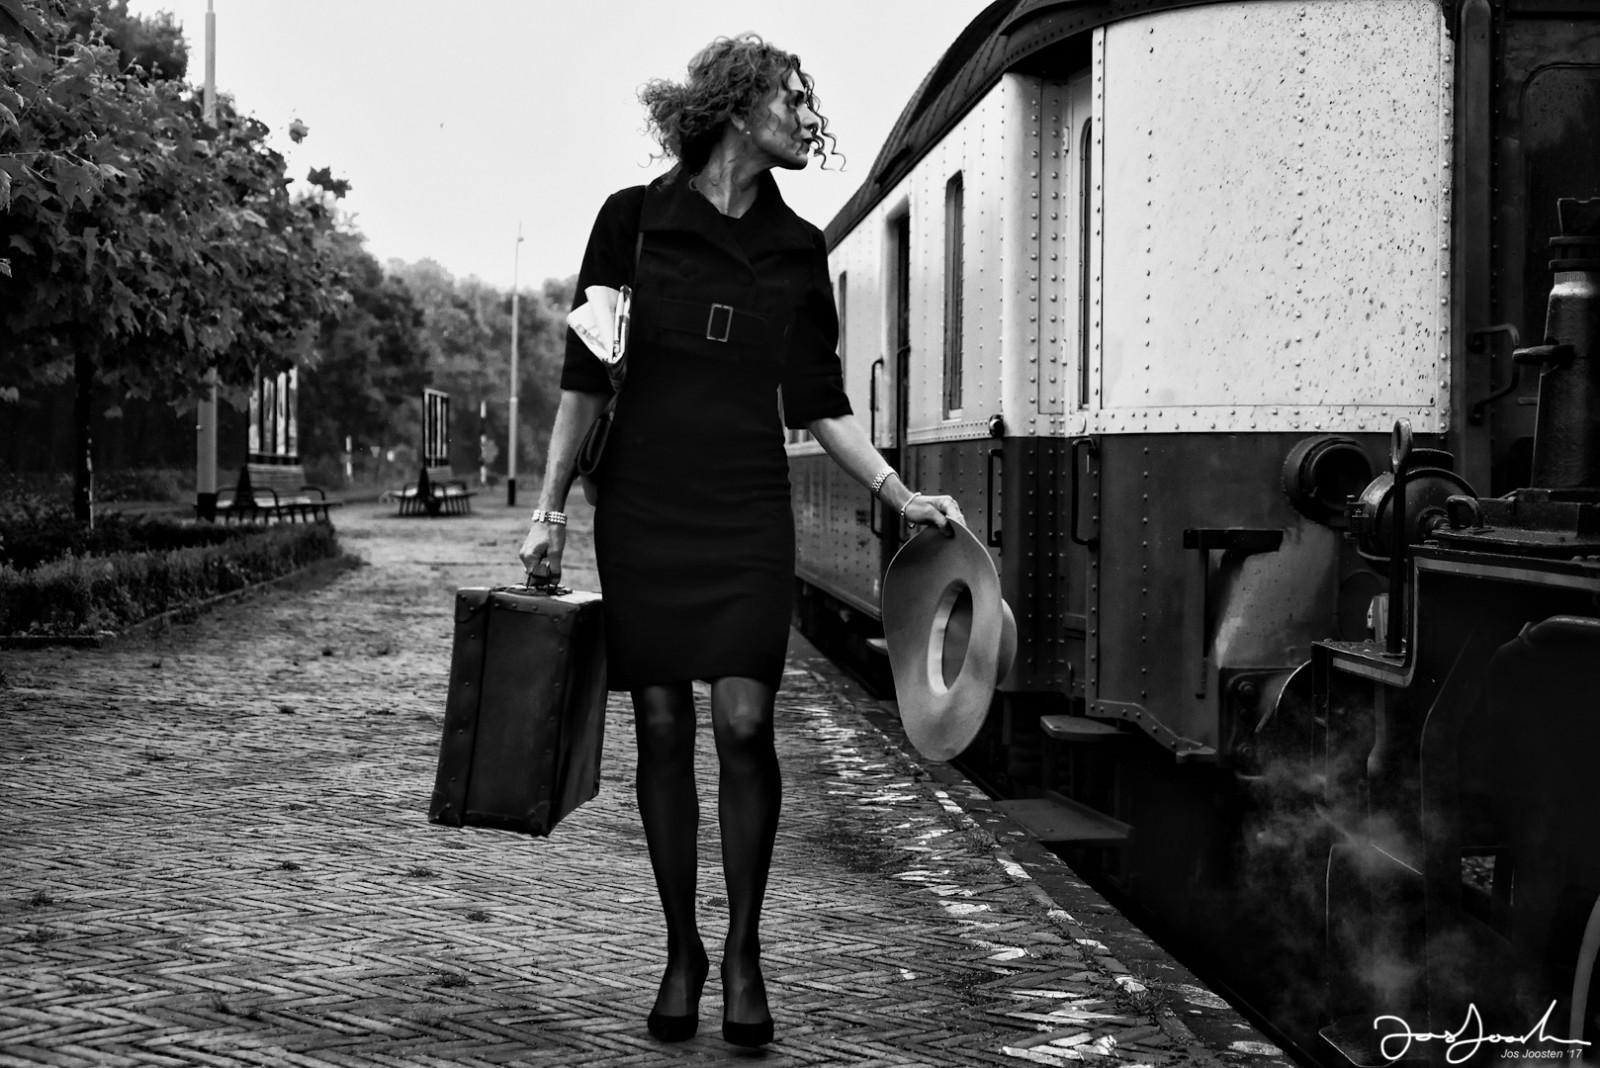 Leer over composities in fotografie dame met trein door Jos Joosten